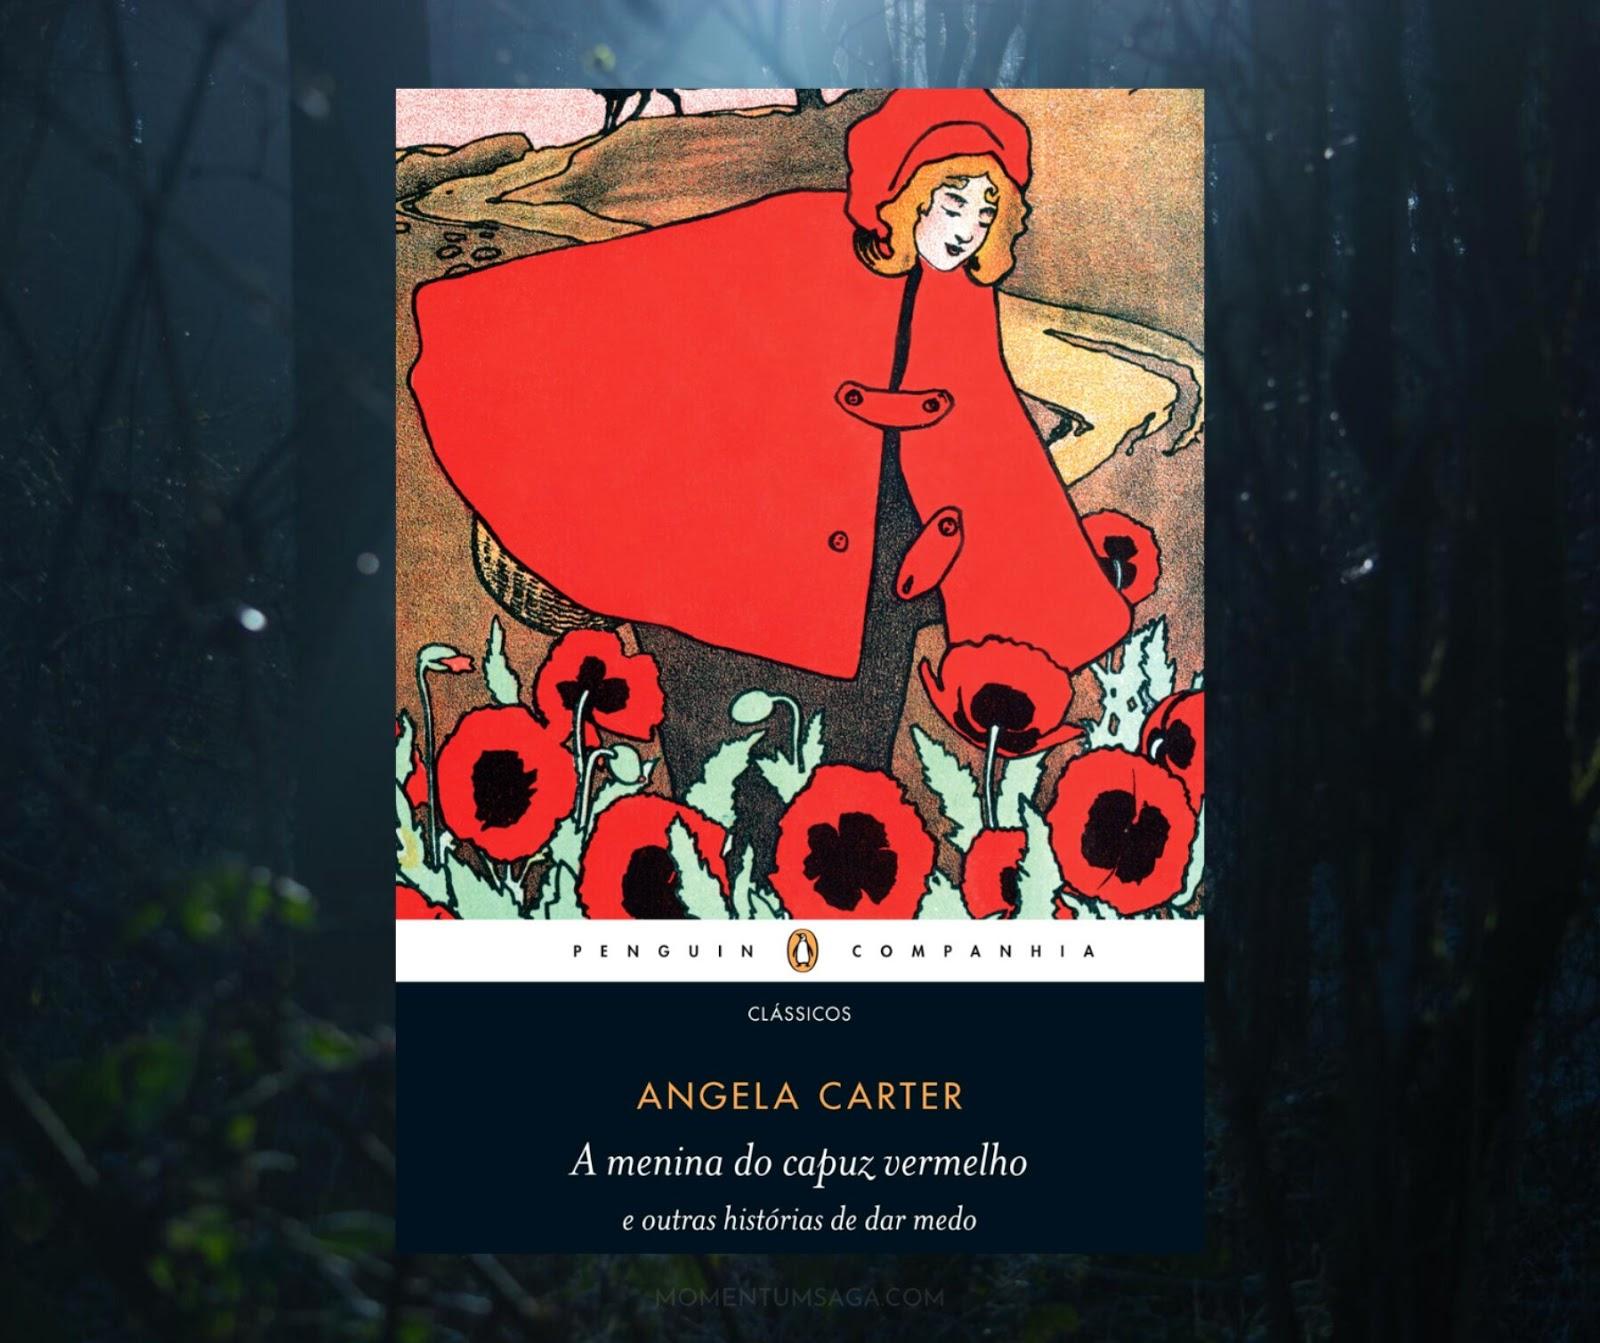 Resenha: A menina do capuz vermelho, de Angela Carter